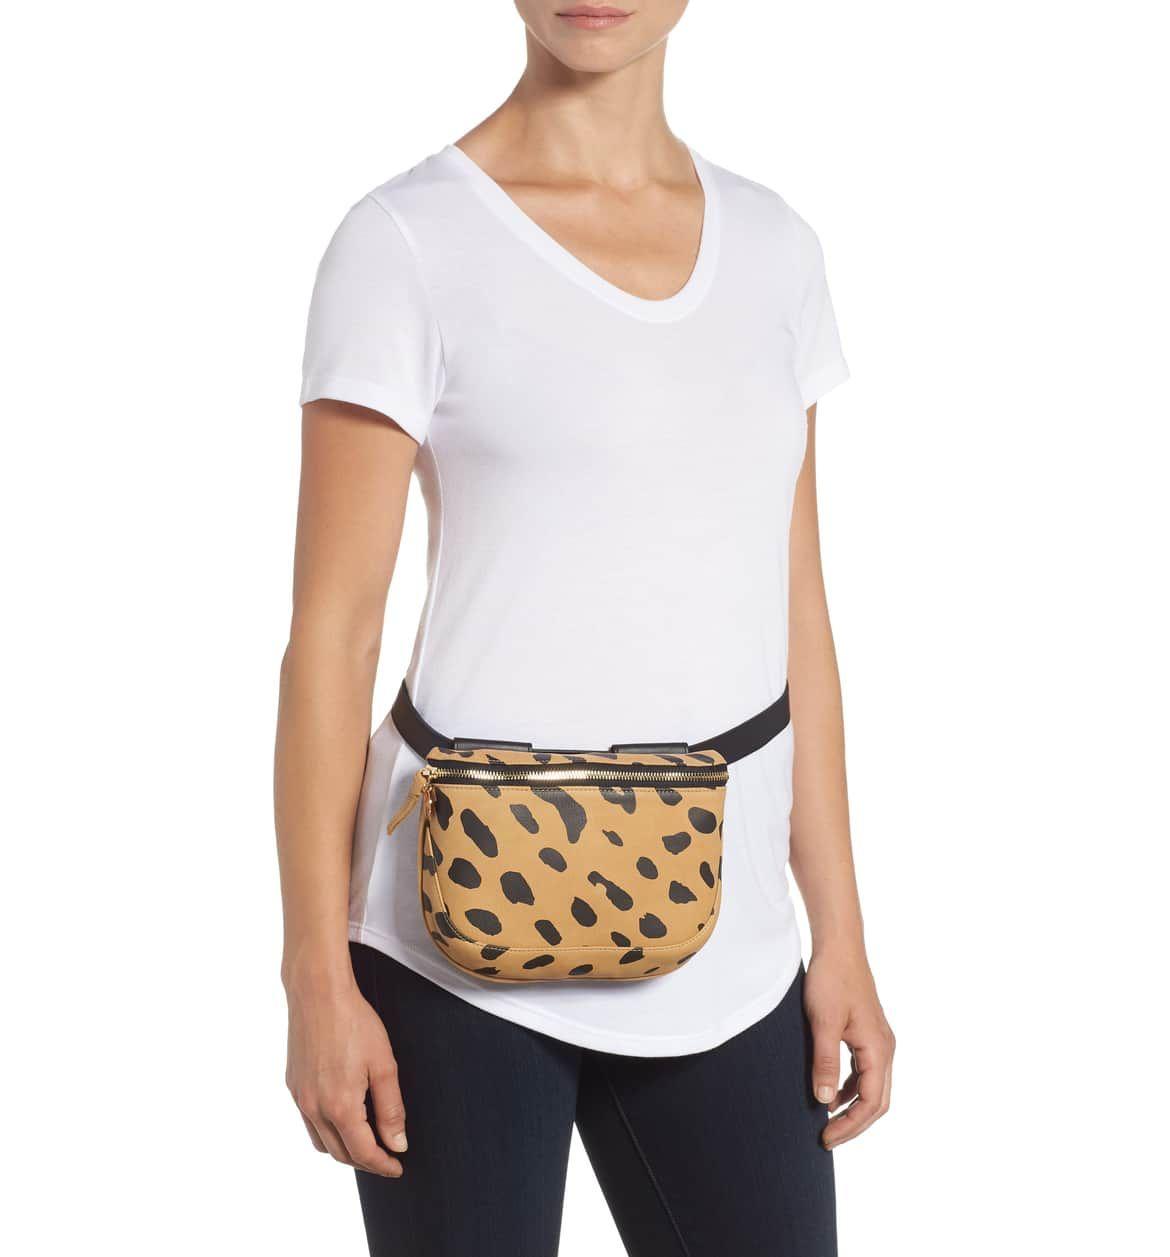 JAGUAR Waist Belt Bag NEW